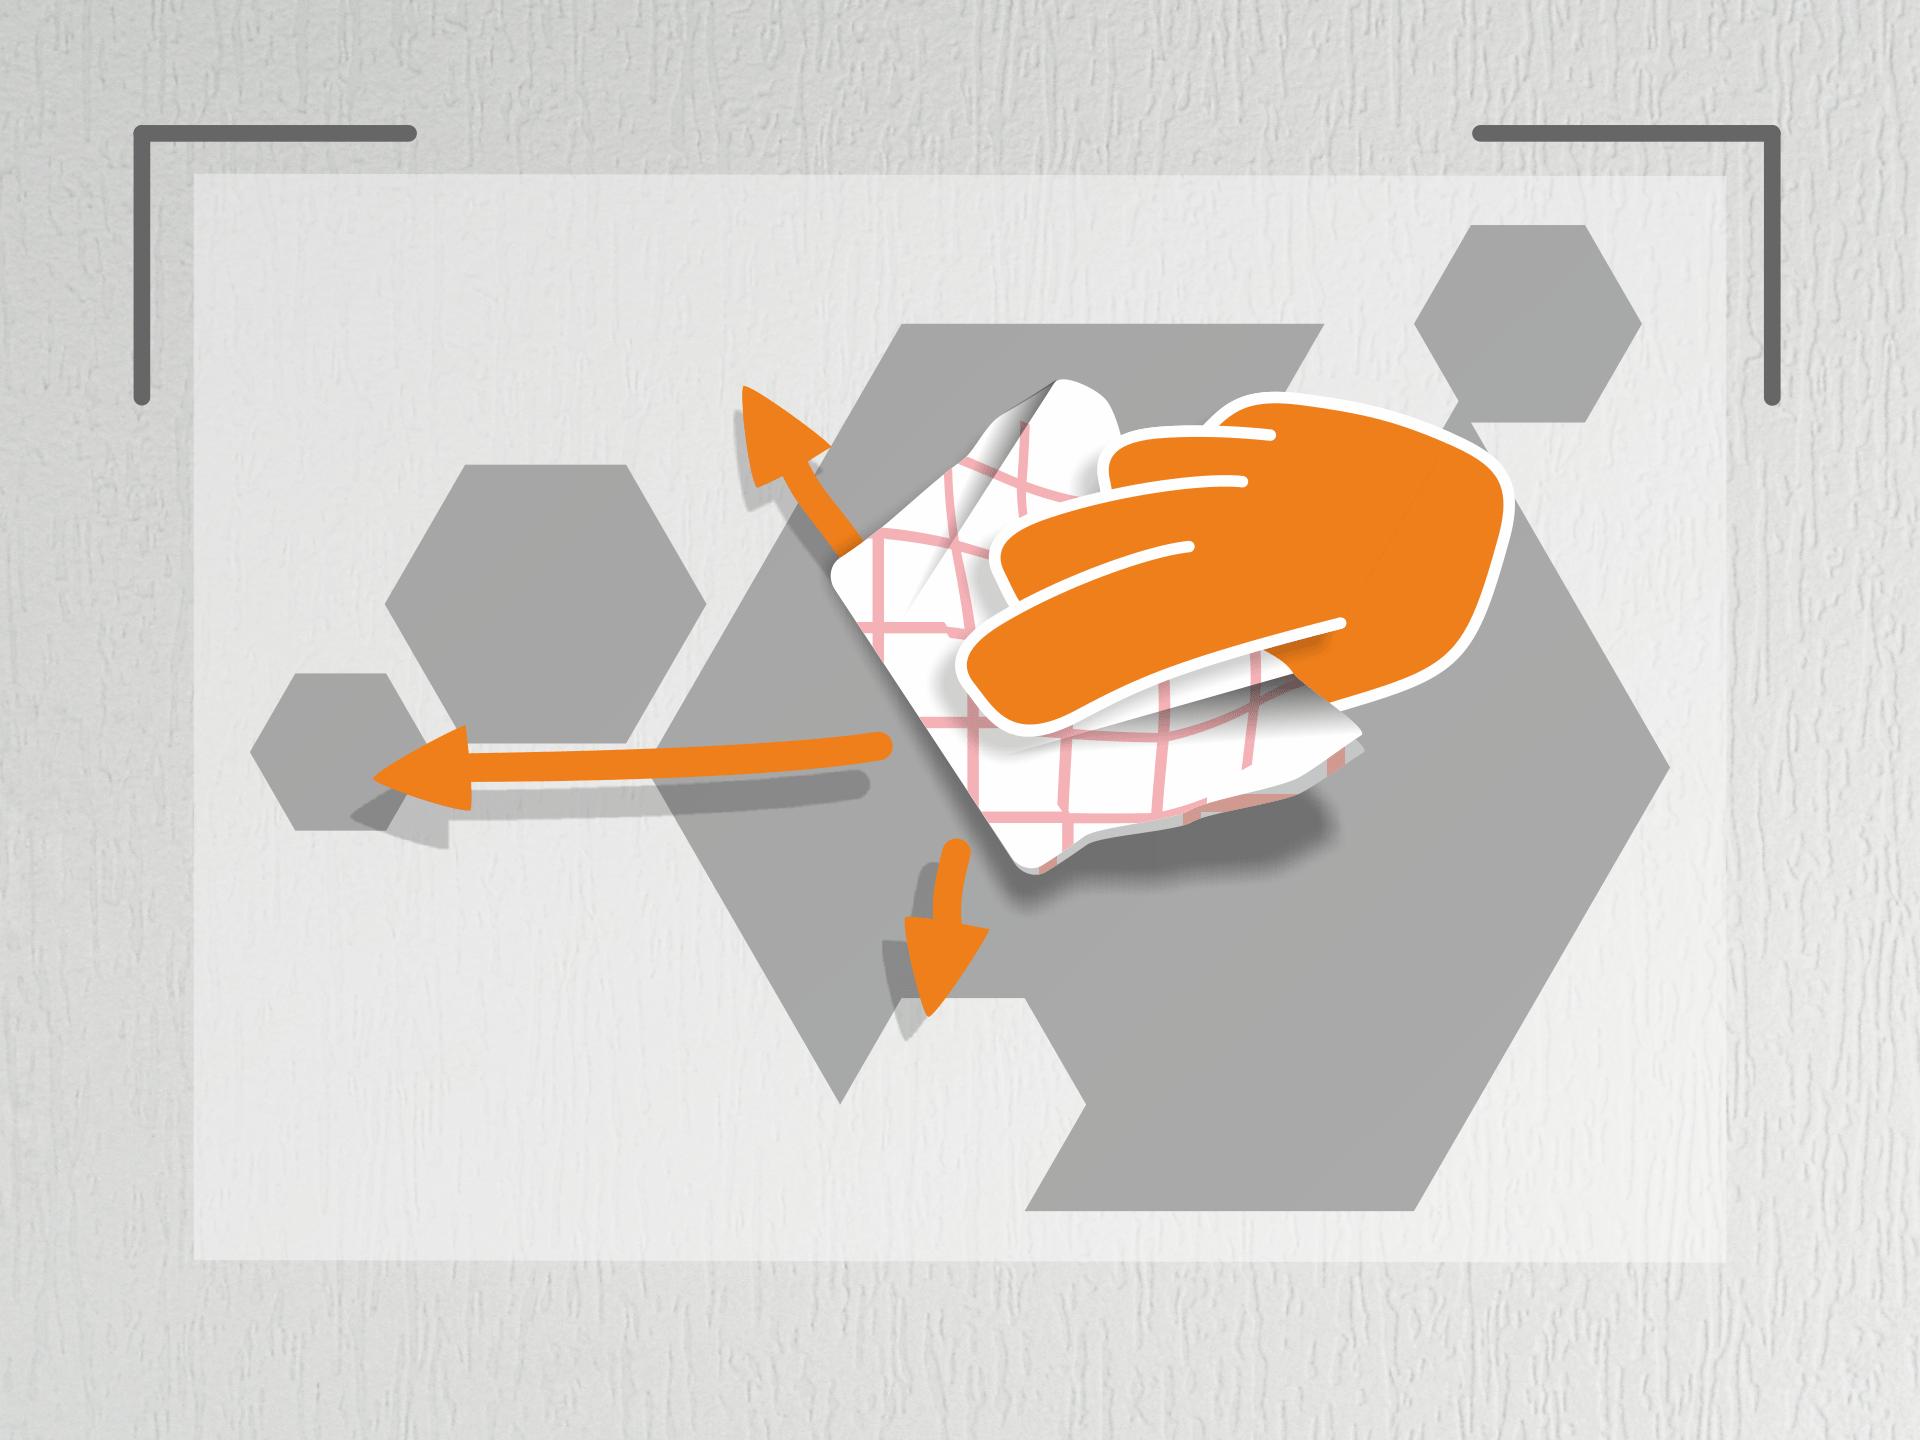 Jetzt den Aufkleber sehr straff halten und an den Markierungen auf der Wand anlegen. Nun das Geschirrtuch zu einem Ballen formen und die Tafelfolie (von der Mitte aus) mehrfach andrücken. Hinweis: Bei glatten Wänden kannst Du auch den Rakel zum andrücken nehmen.